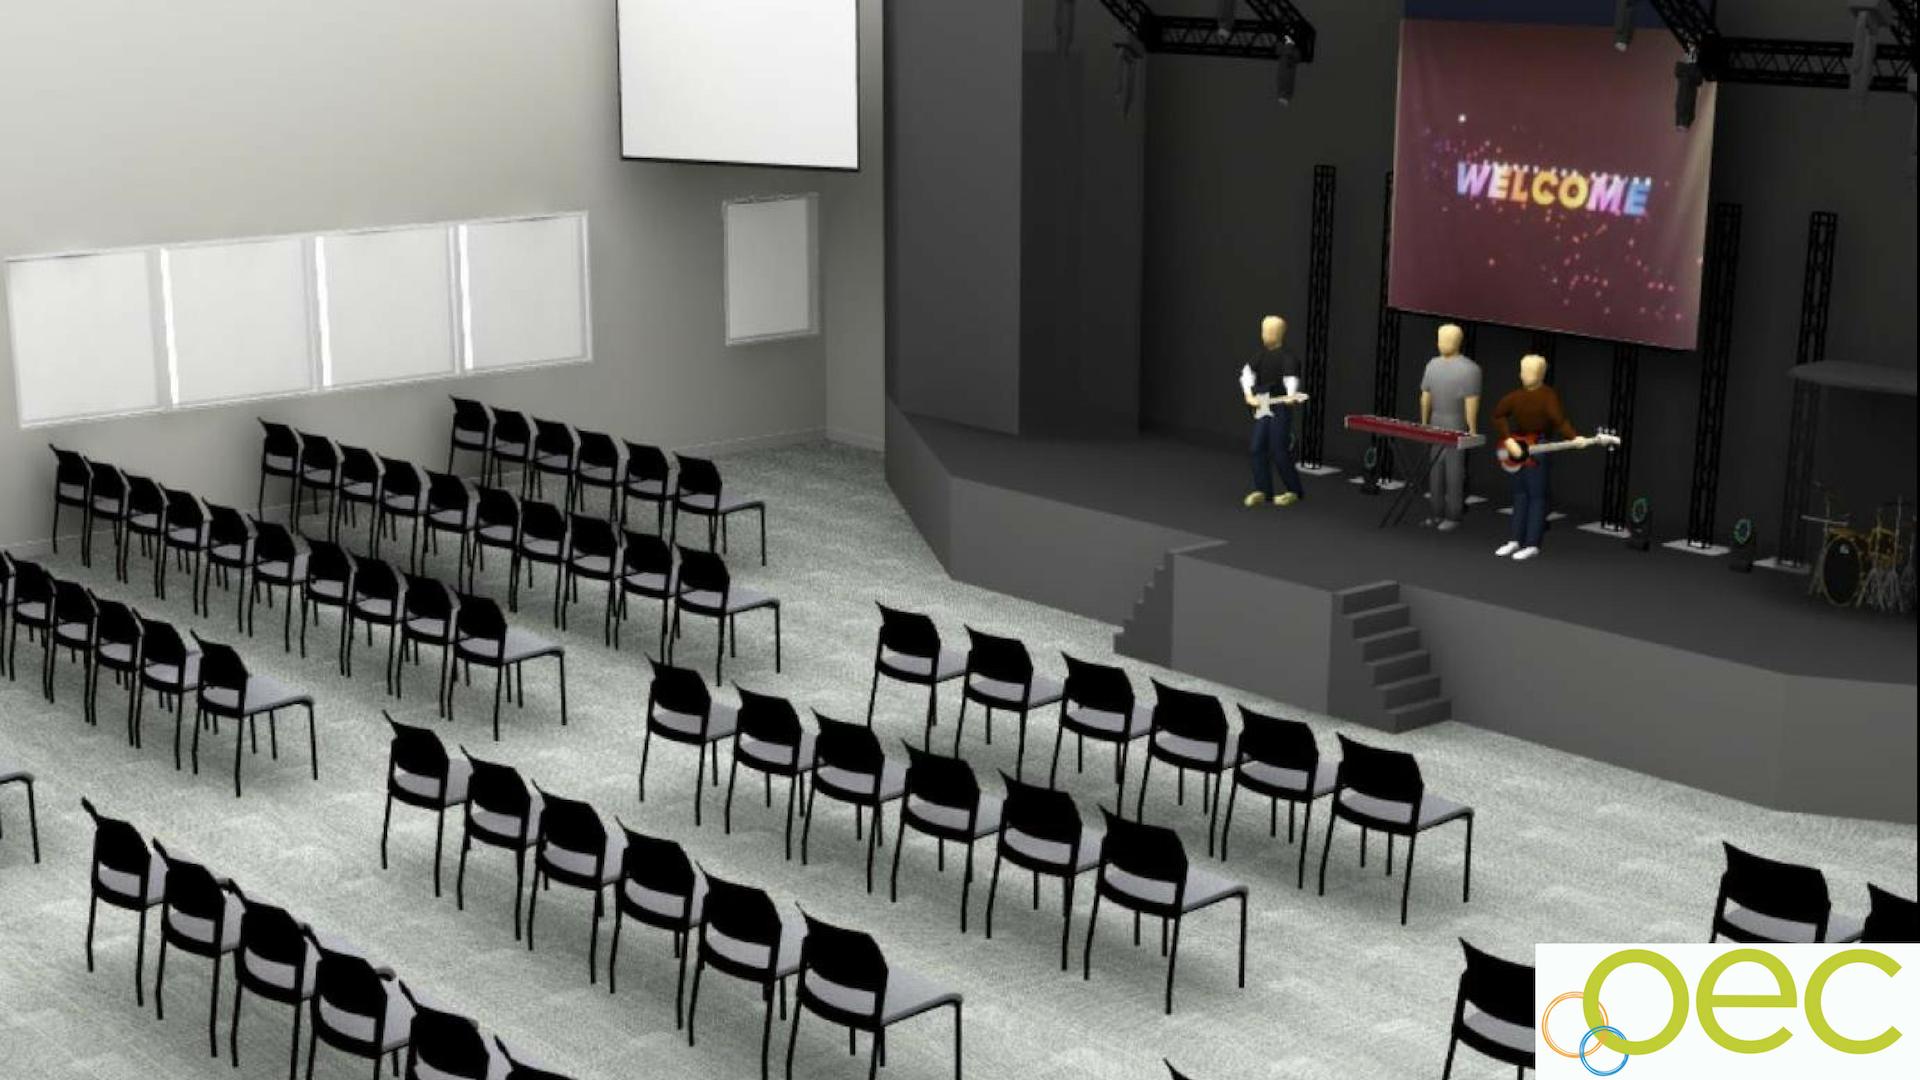 Auditorium/Multi-use space